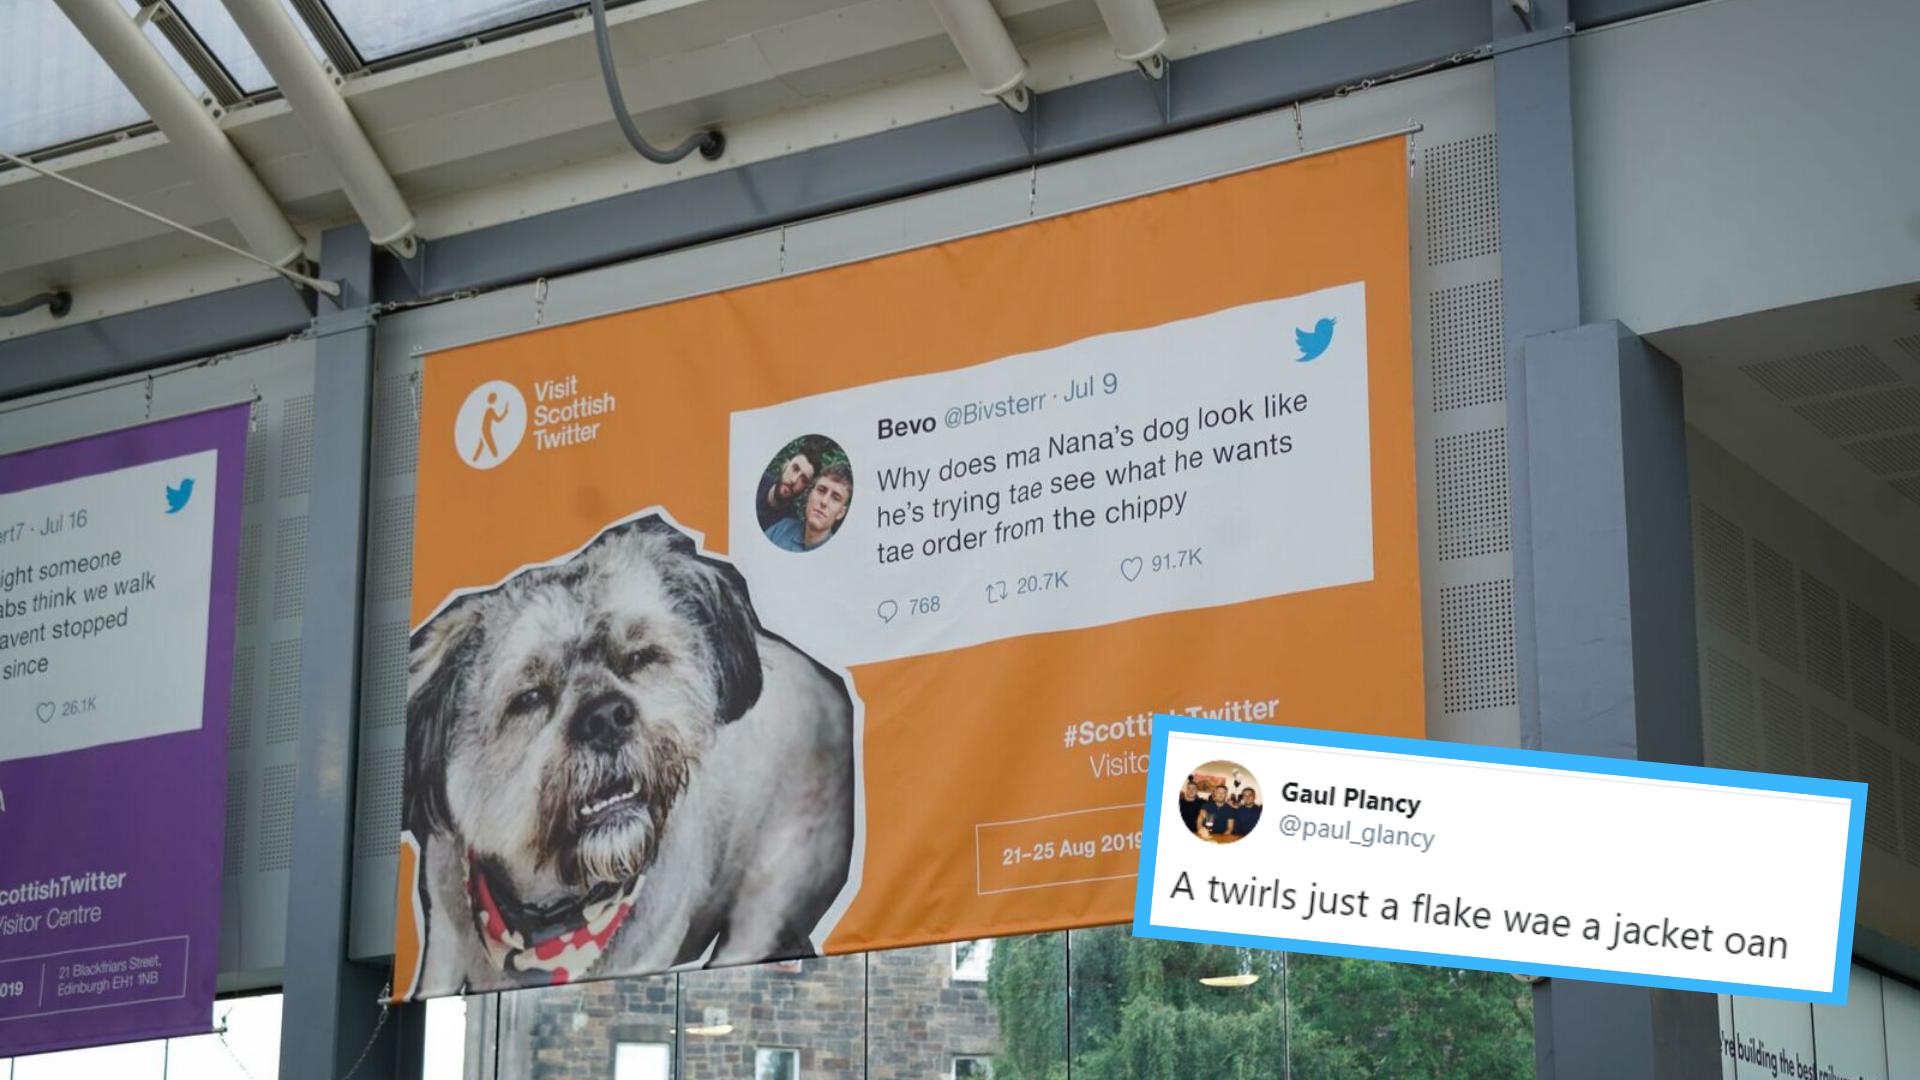 Scottish Twitter Visitor Centre: Glasgow's funniest tweets make it to shortlist